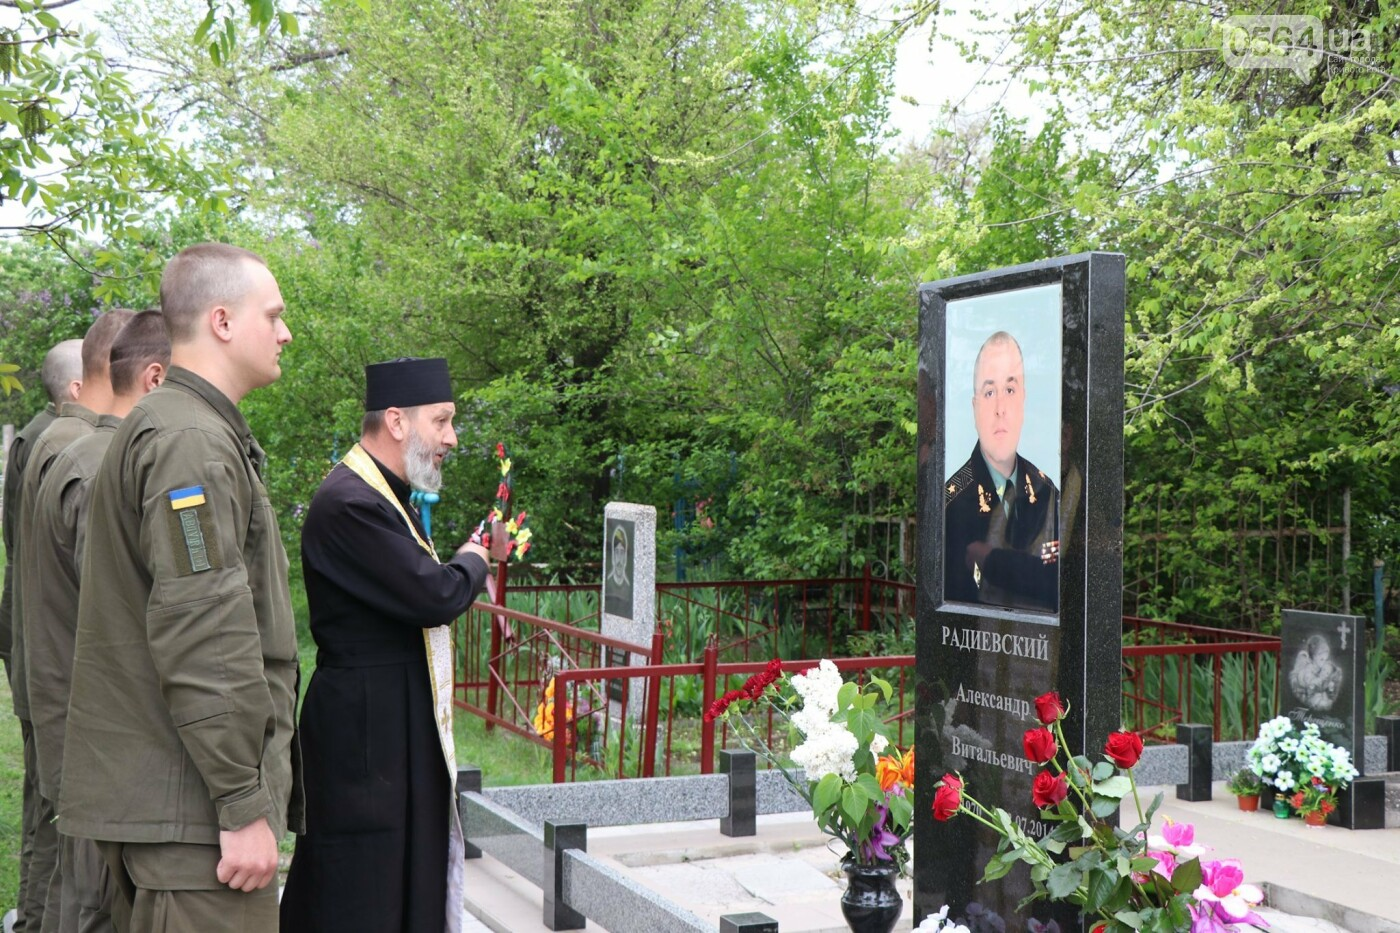 В Кривом Роге почтили память генерал-майора Александра Радиевского, - ФОТО, фото-1